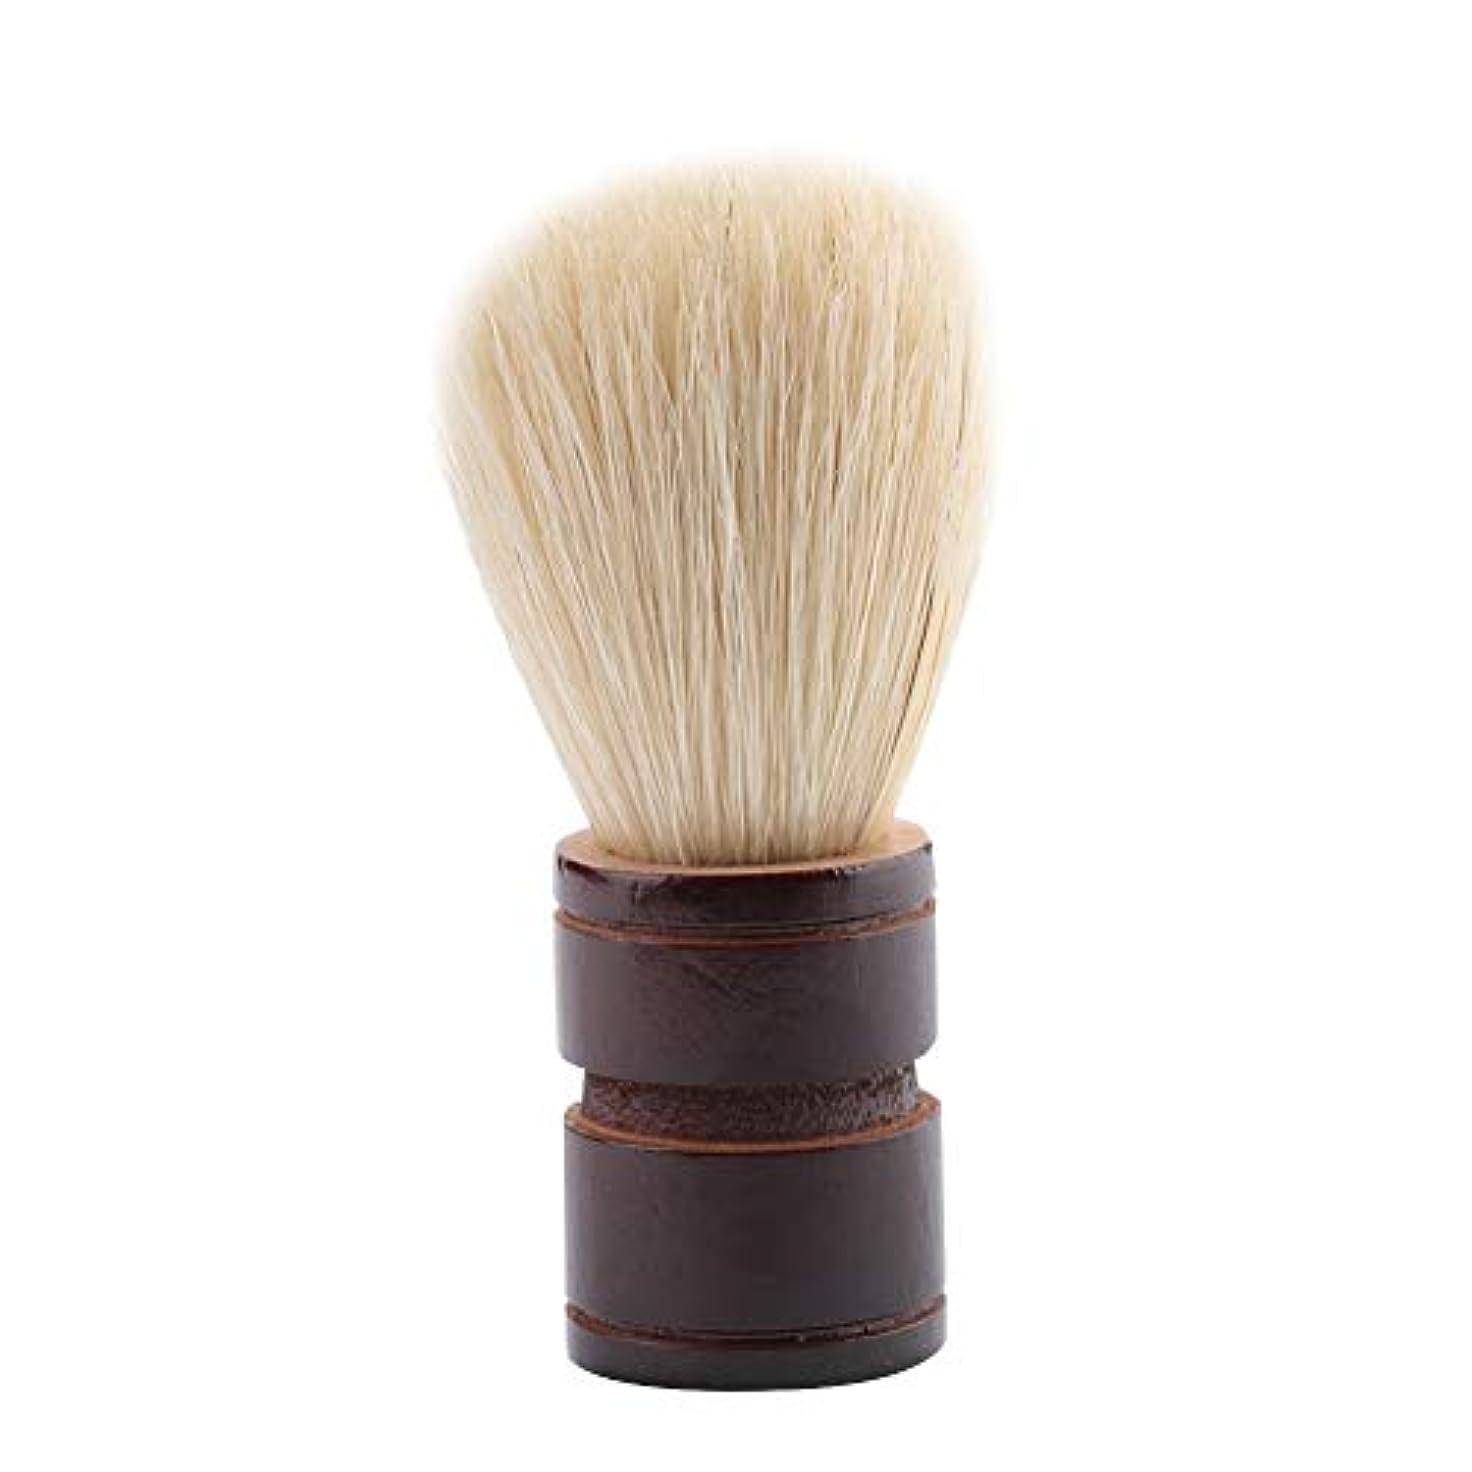 資本主義ルーム四半期Brocan サロンホーム旅行の使用のためのポータブル男性のひげブラシ木製ハンドルシェービングブラシ(ウッド+絵筆)